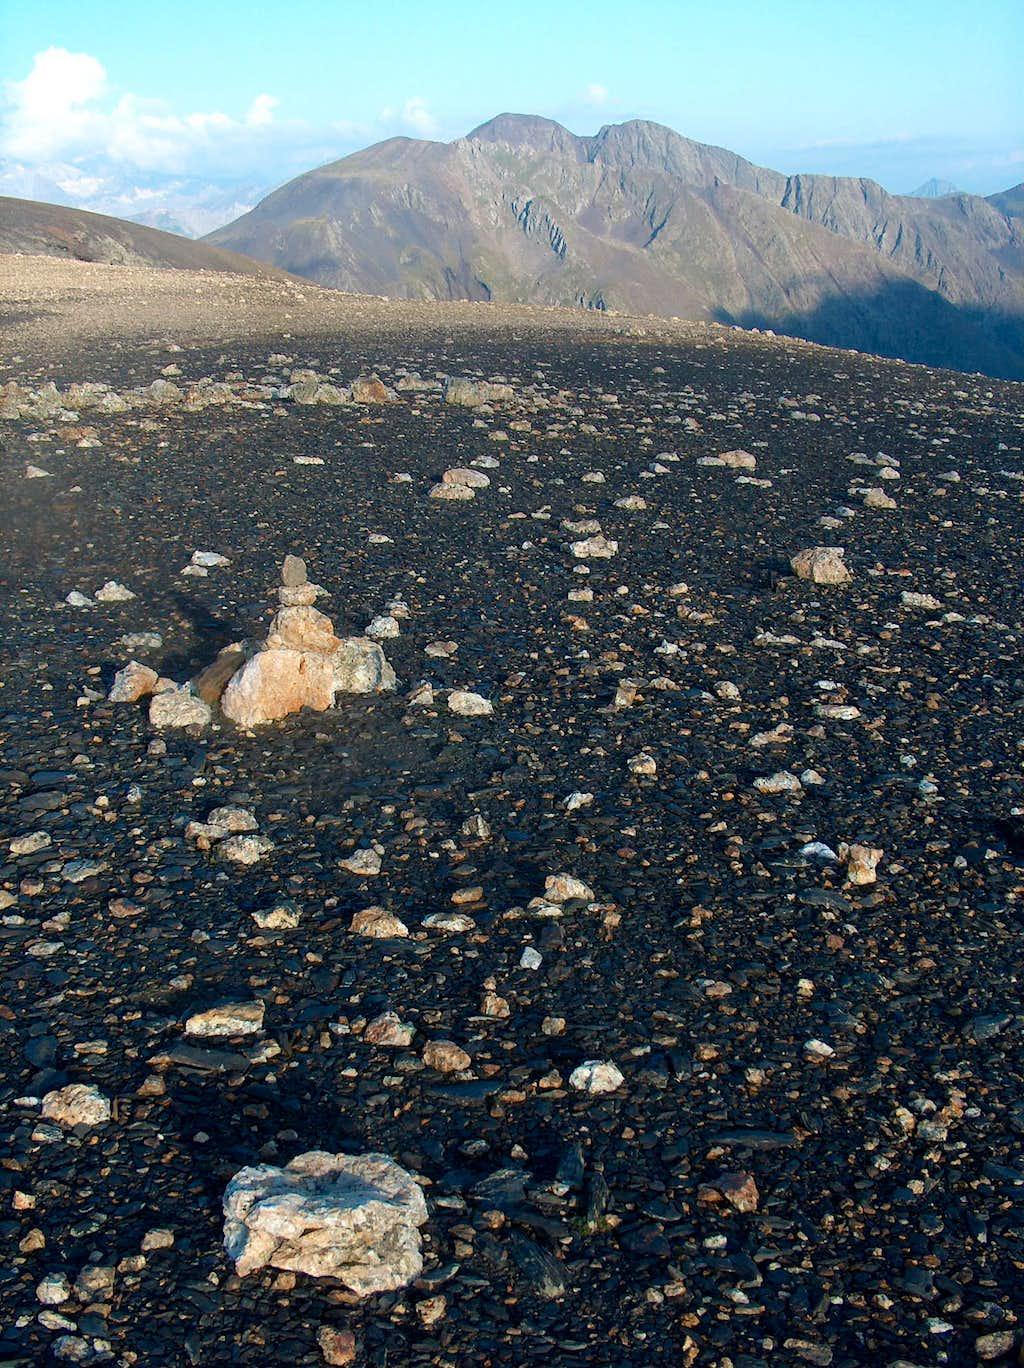 On the desertic ridge of the Peña Blanca